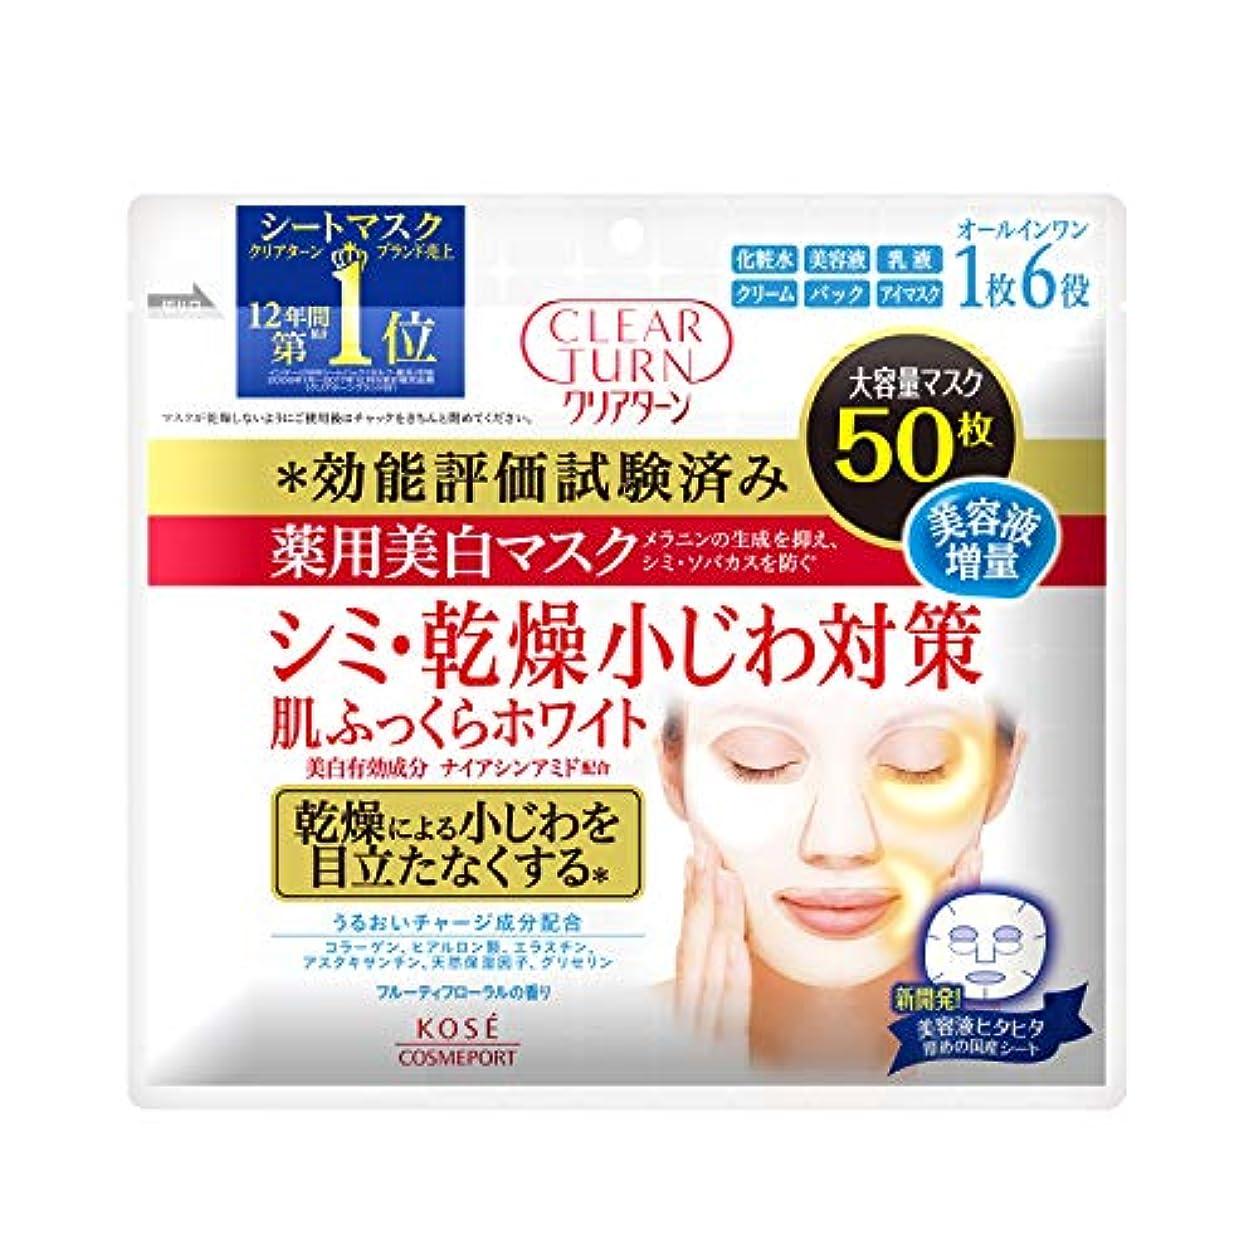 永久副詞書き出すKOSE コーセー クリアターン 薬用美白 肌ホワイト マスク 50枚 フェイスマスク (医薬部外品)